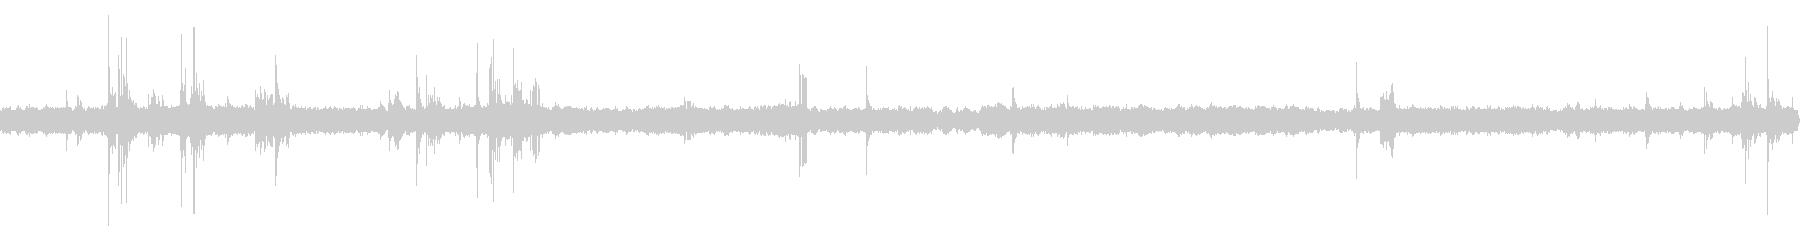 深夜の風鈴と虫の音 02の未再生の波形